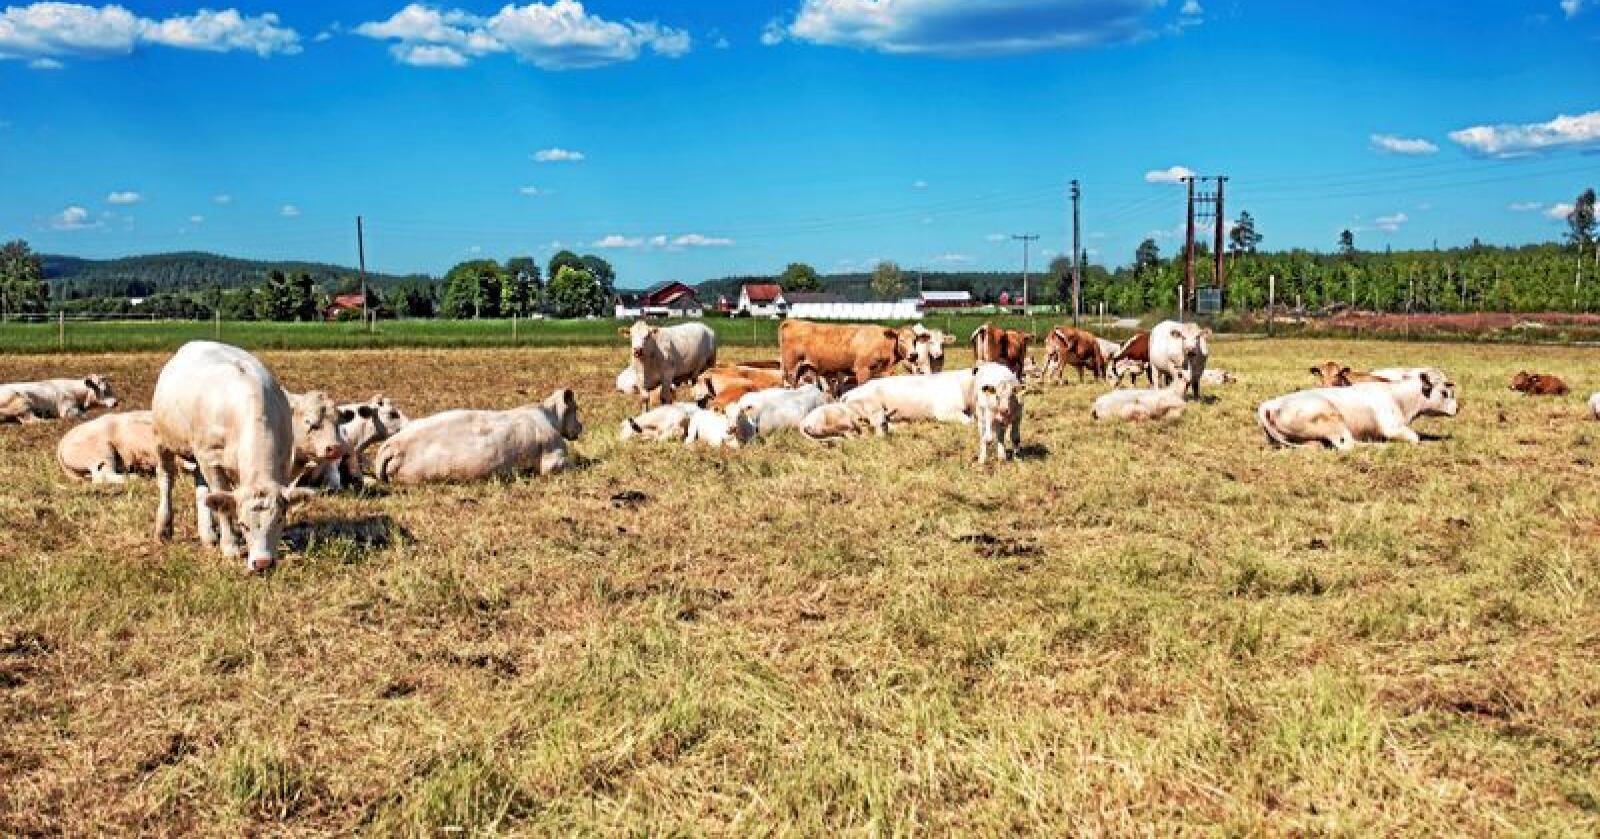 Under tørketida i fjor hadde bonden ikke nok mat til dyrene. Han måtte slakte deler av besetningen. Foto: Tor Erik Schrøder / NTB scanpix